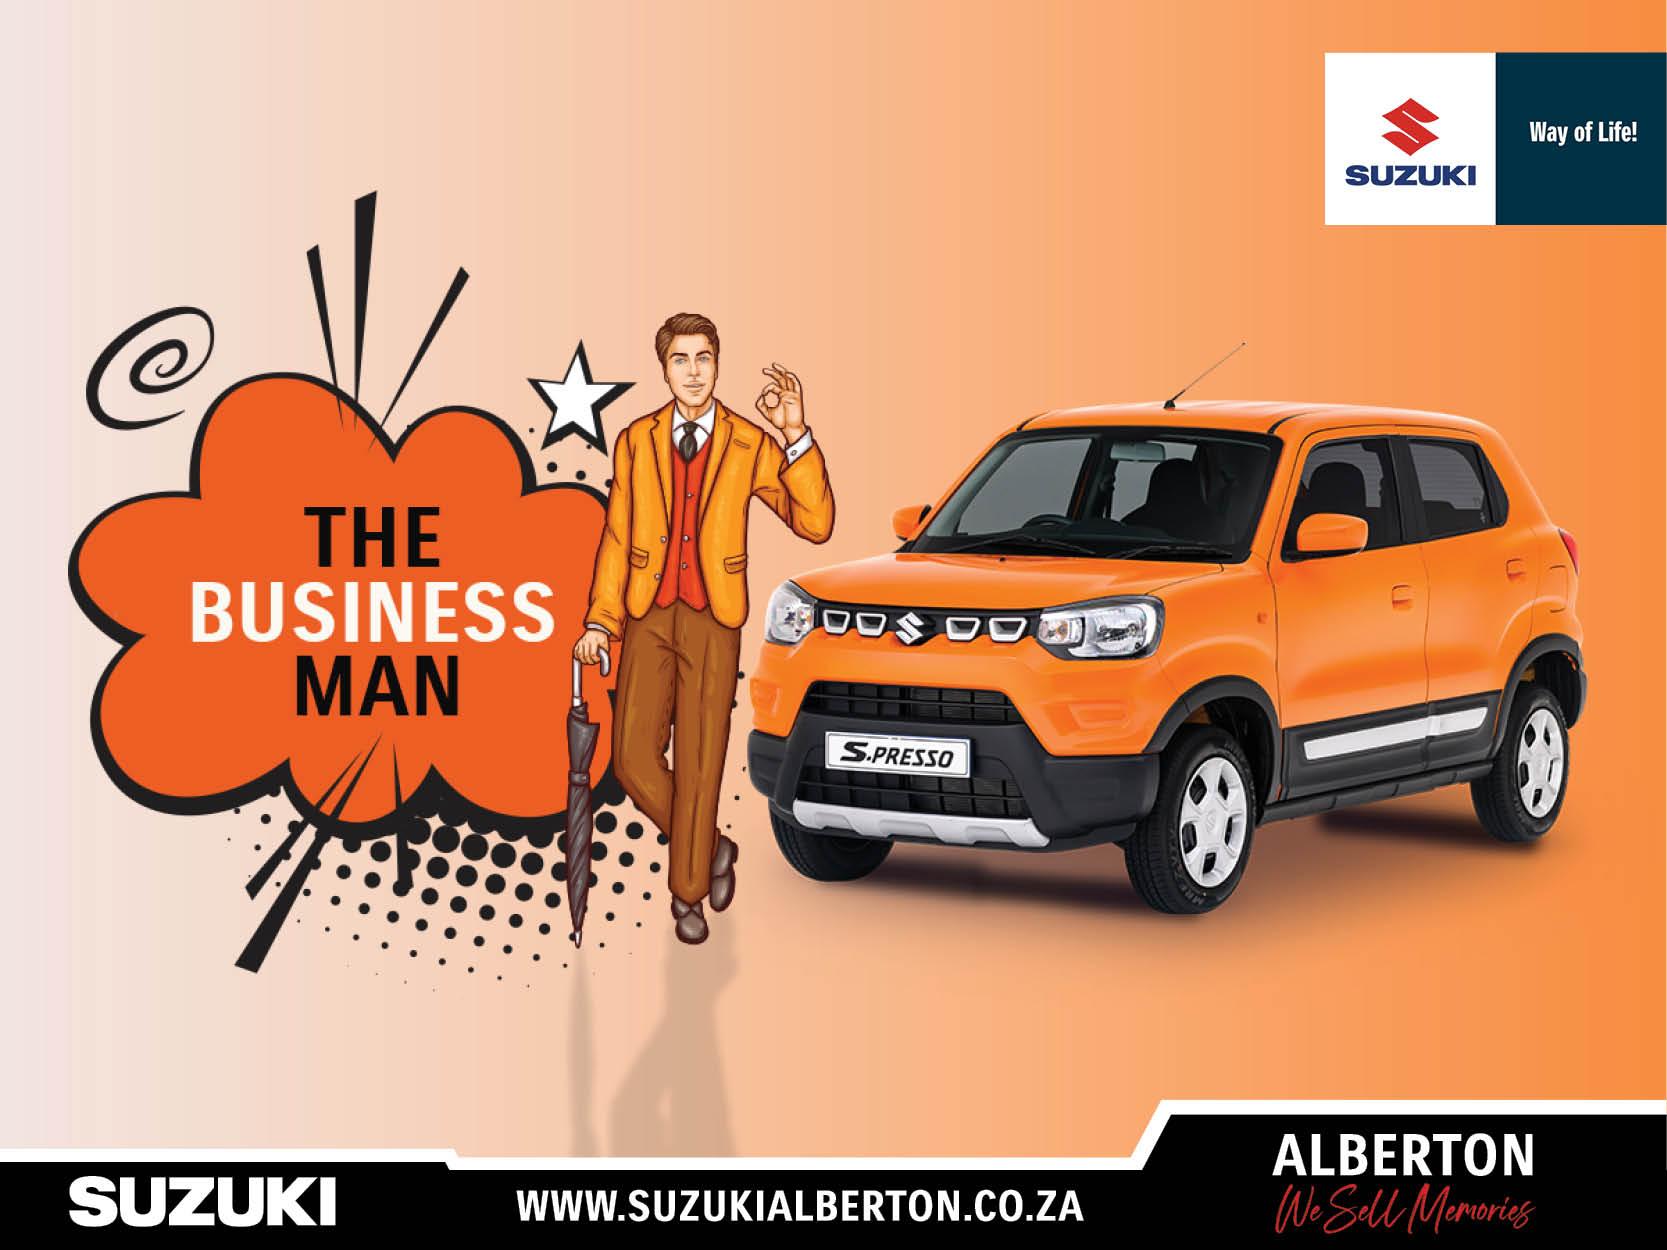 Suzuki Alberton - S-Presso 1